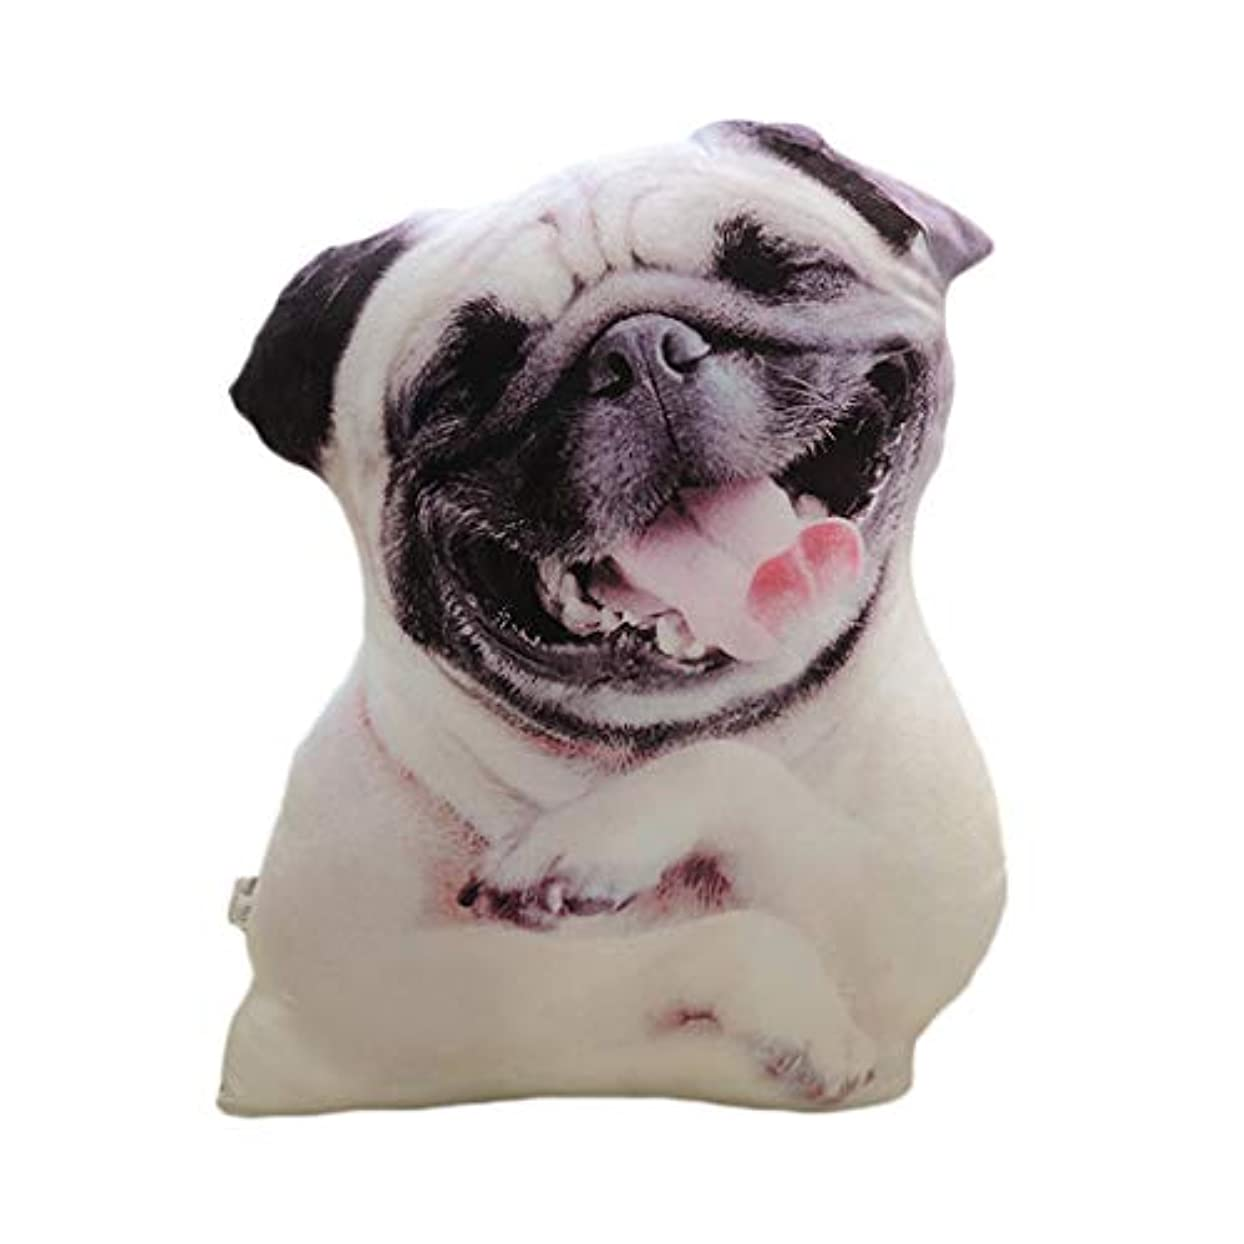 サーキュレーション反応するトイレLIFE 装飾クッションソファおかしい 3D 犬印刷スロー枕創造クッションかわいいぬいぐるみギフト家の装飾 coussin decoratif クッション 椅子